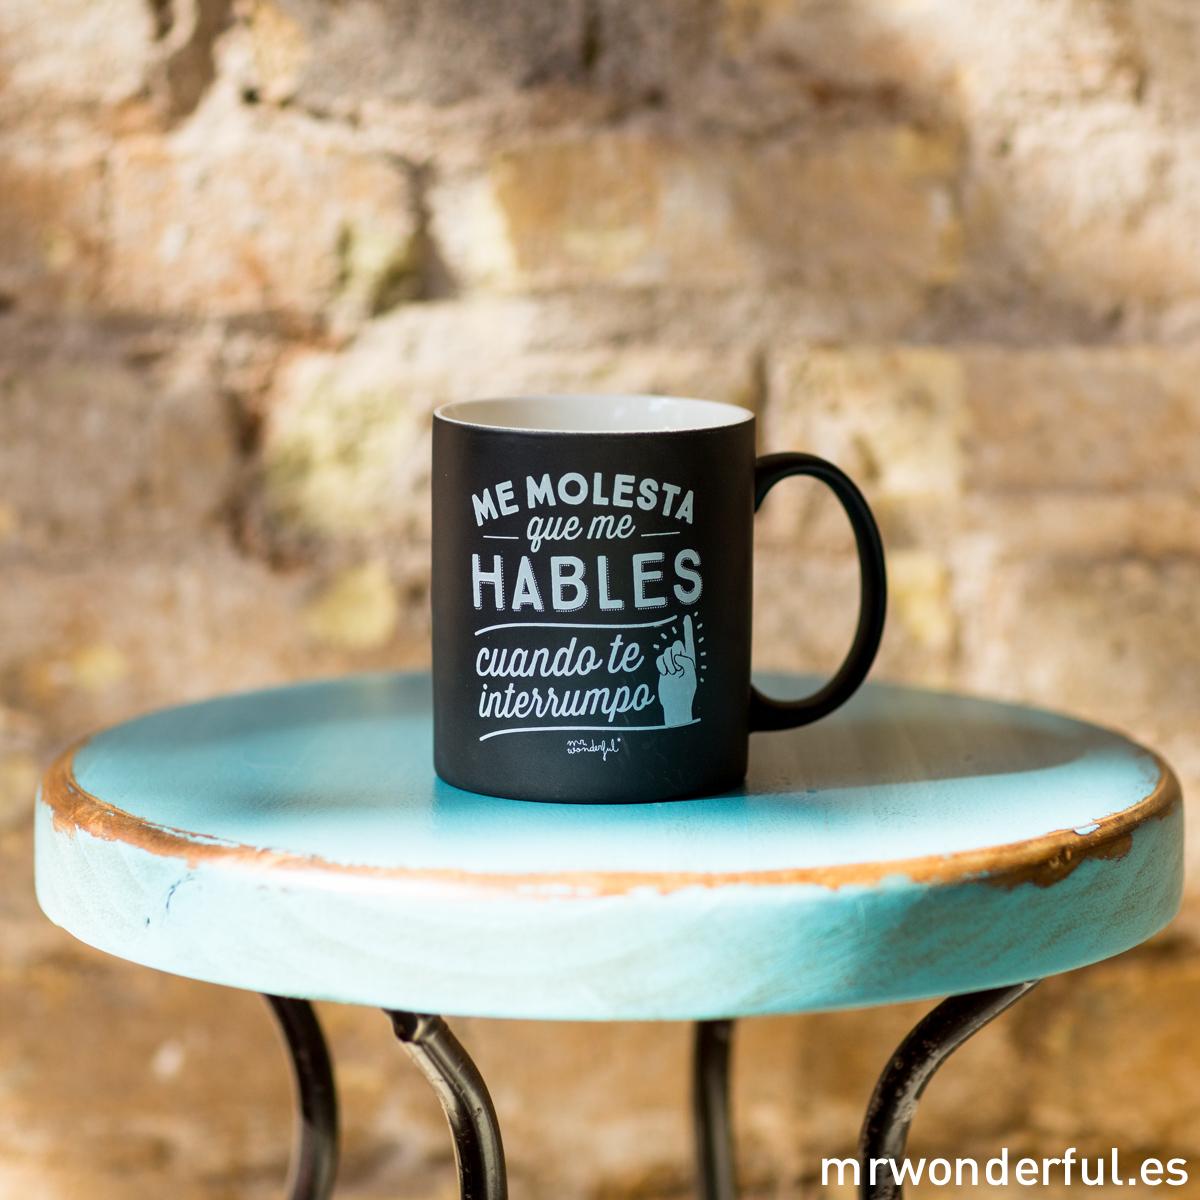 mrwonderful_8436547191444_WON-196_TAZA_Taza-Negra_Me-molesta-que-me-hables-cuando-te-interrumpo-5